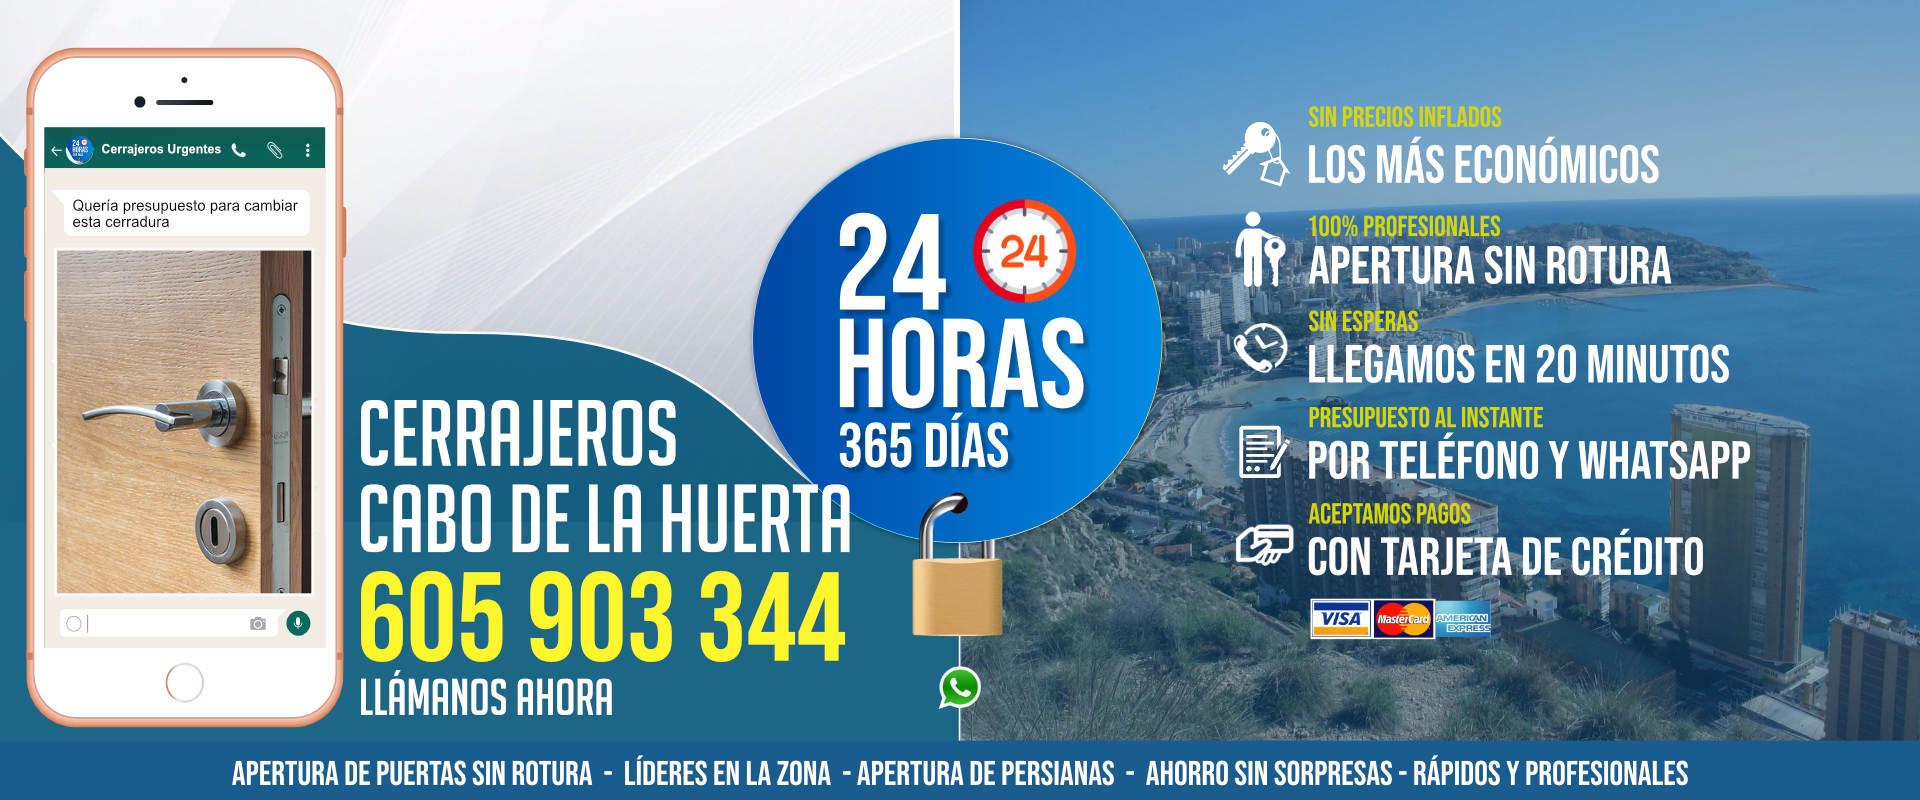 Cerrajeros Cabo de la Huerta 1